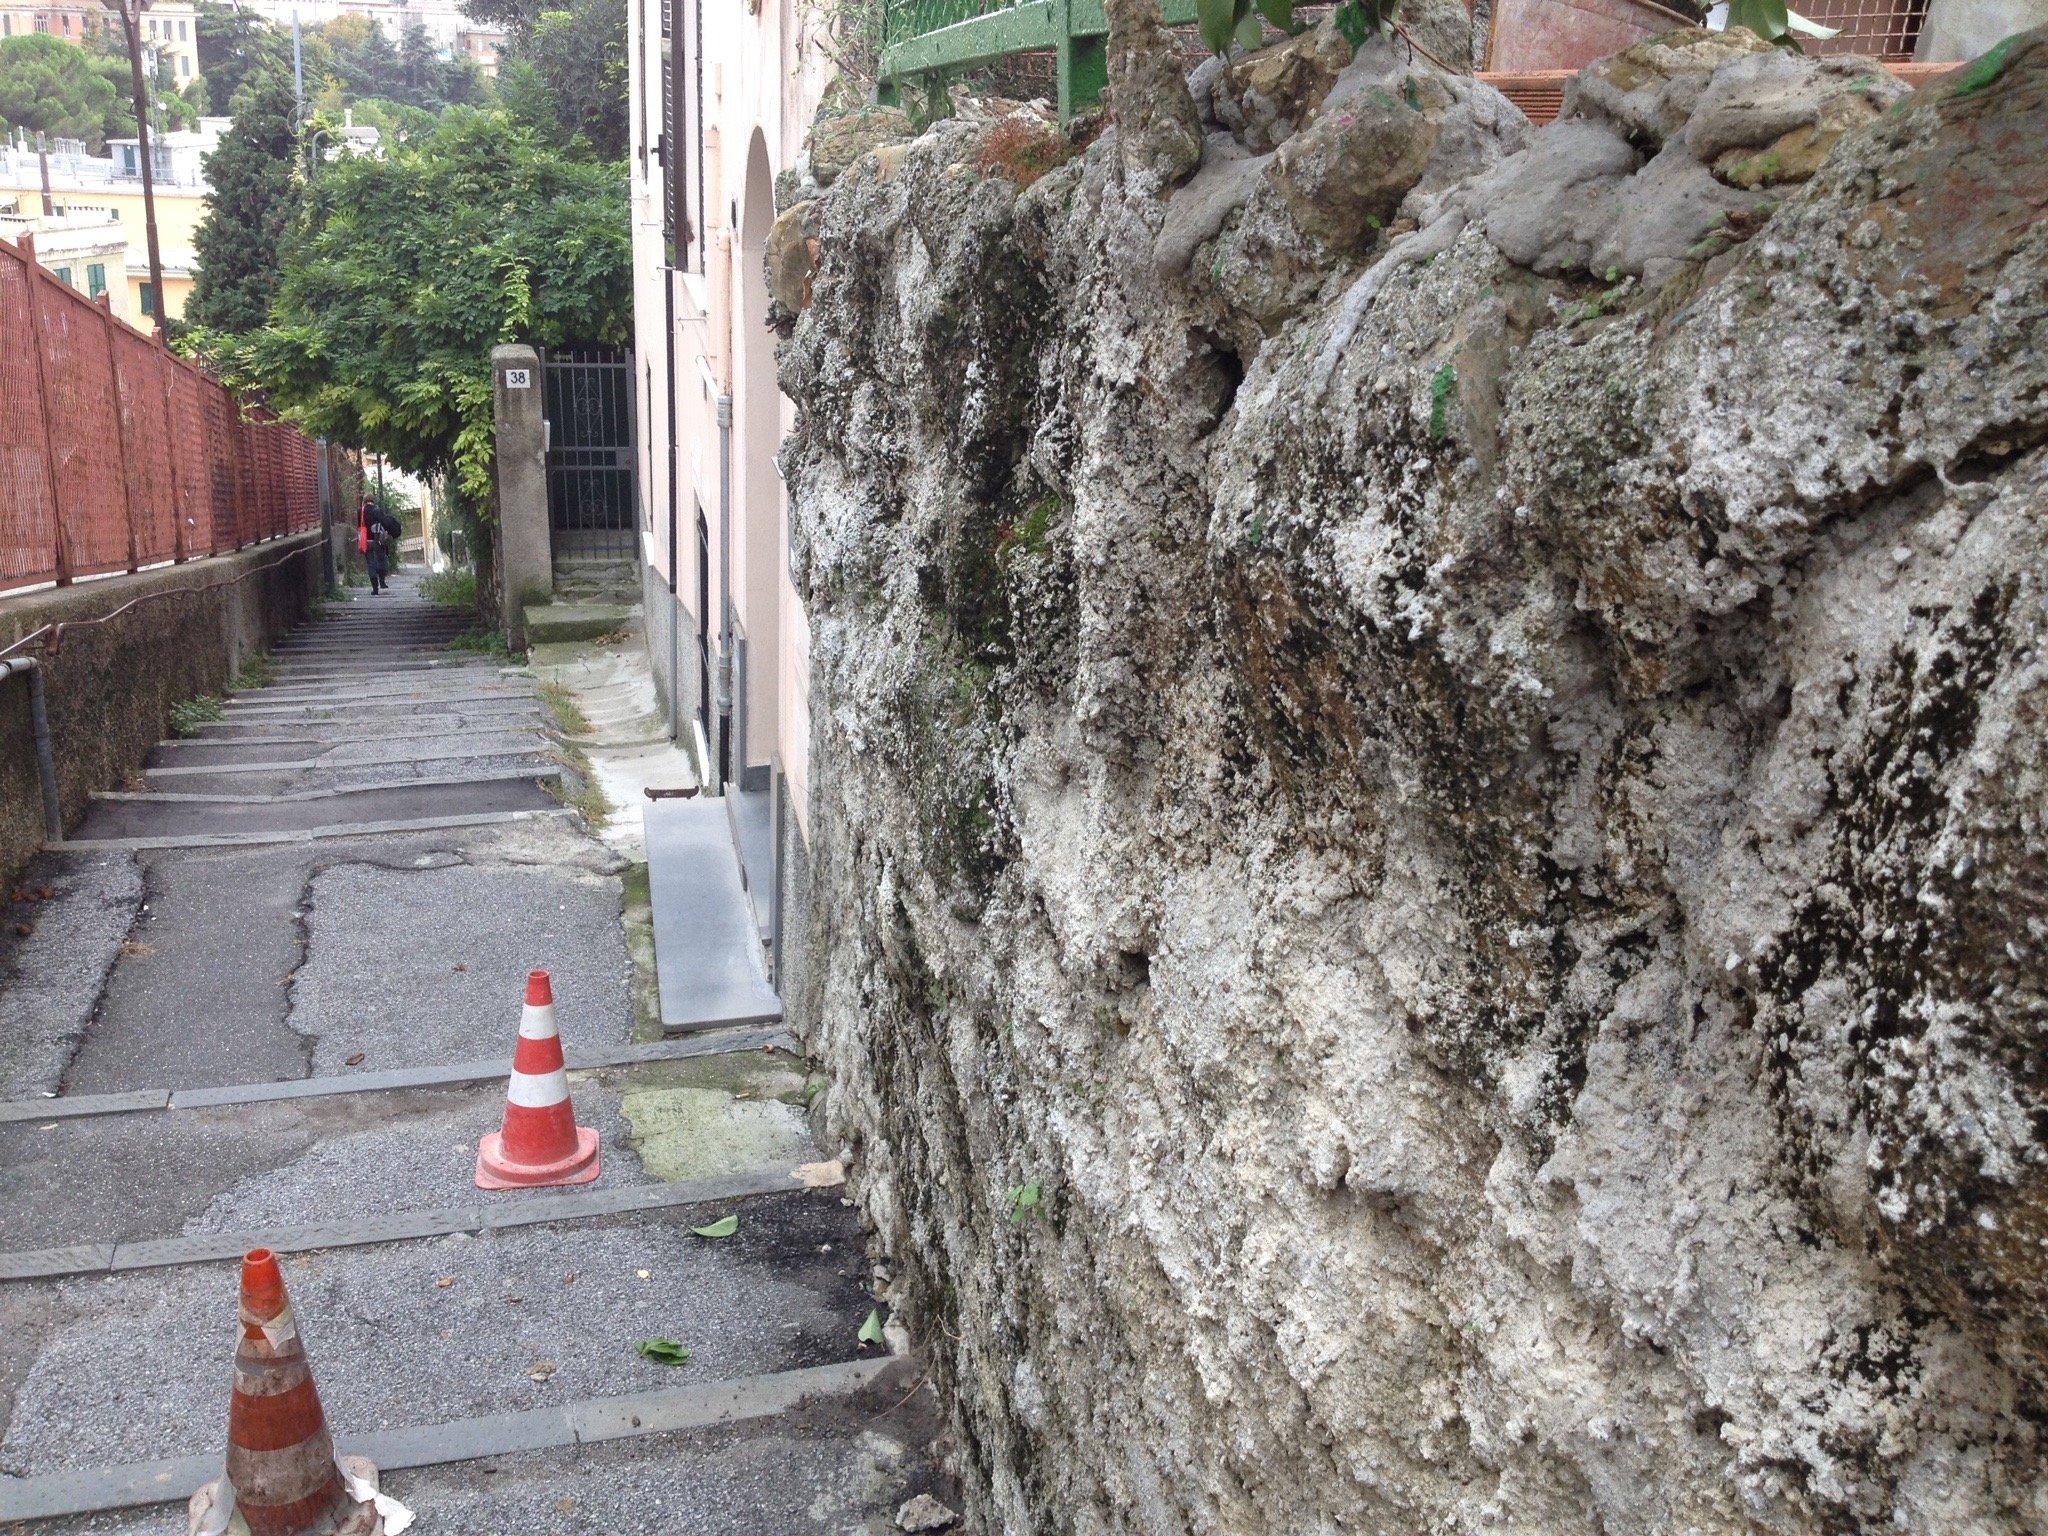 Una vecchia parete esterna rovinata dagli agenti atmosferici